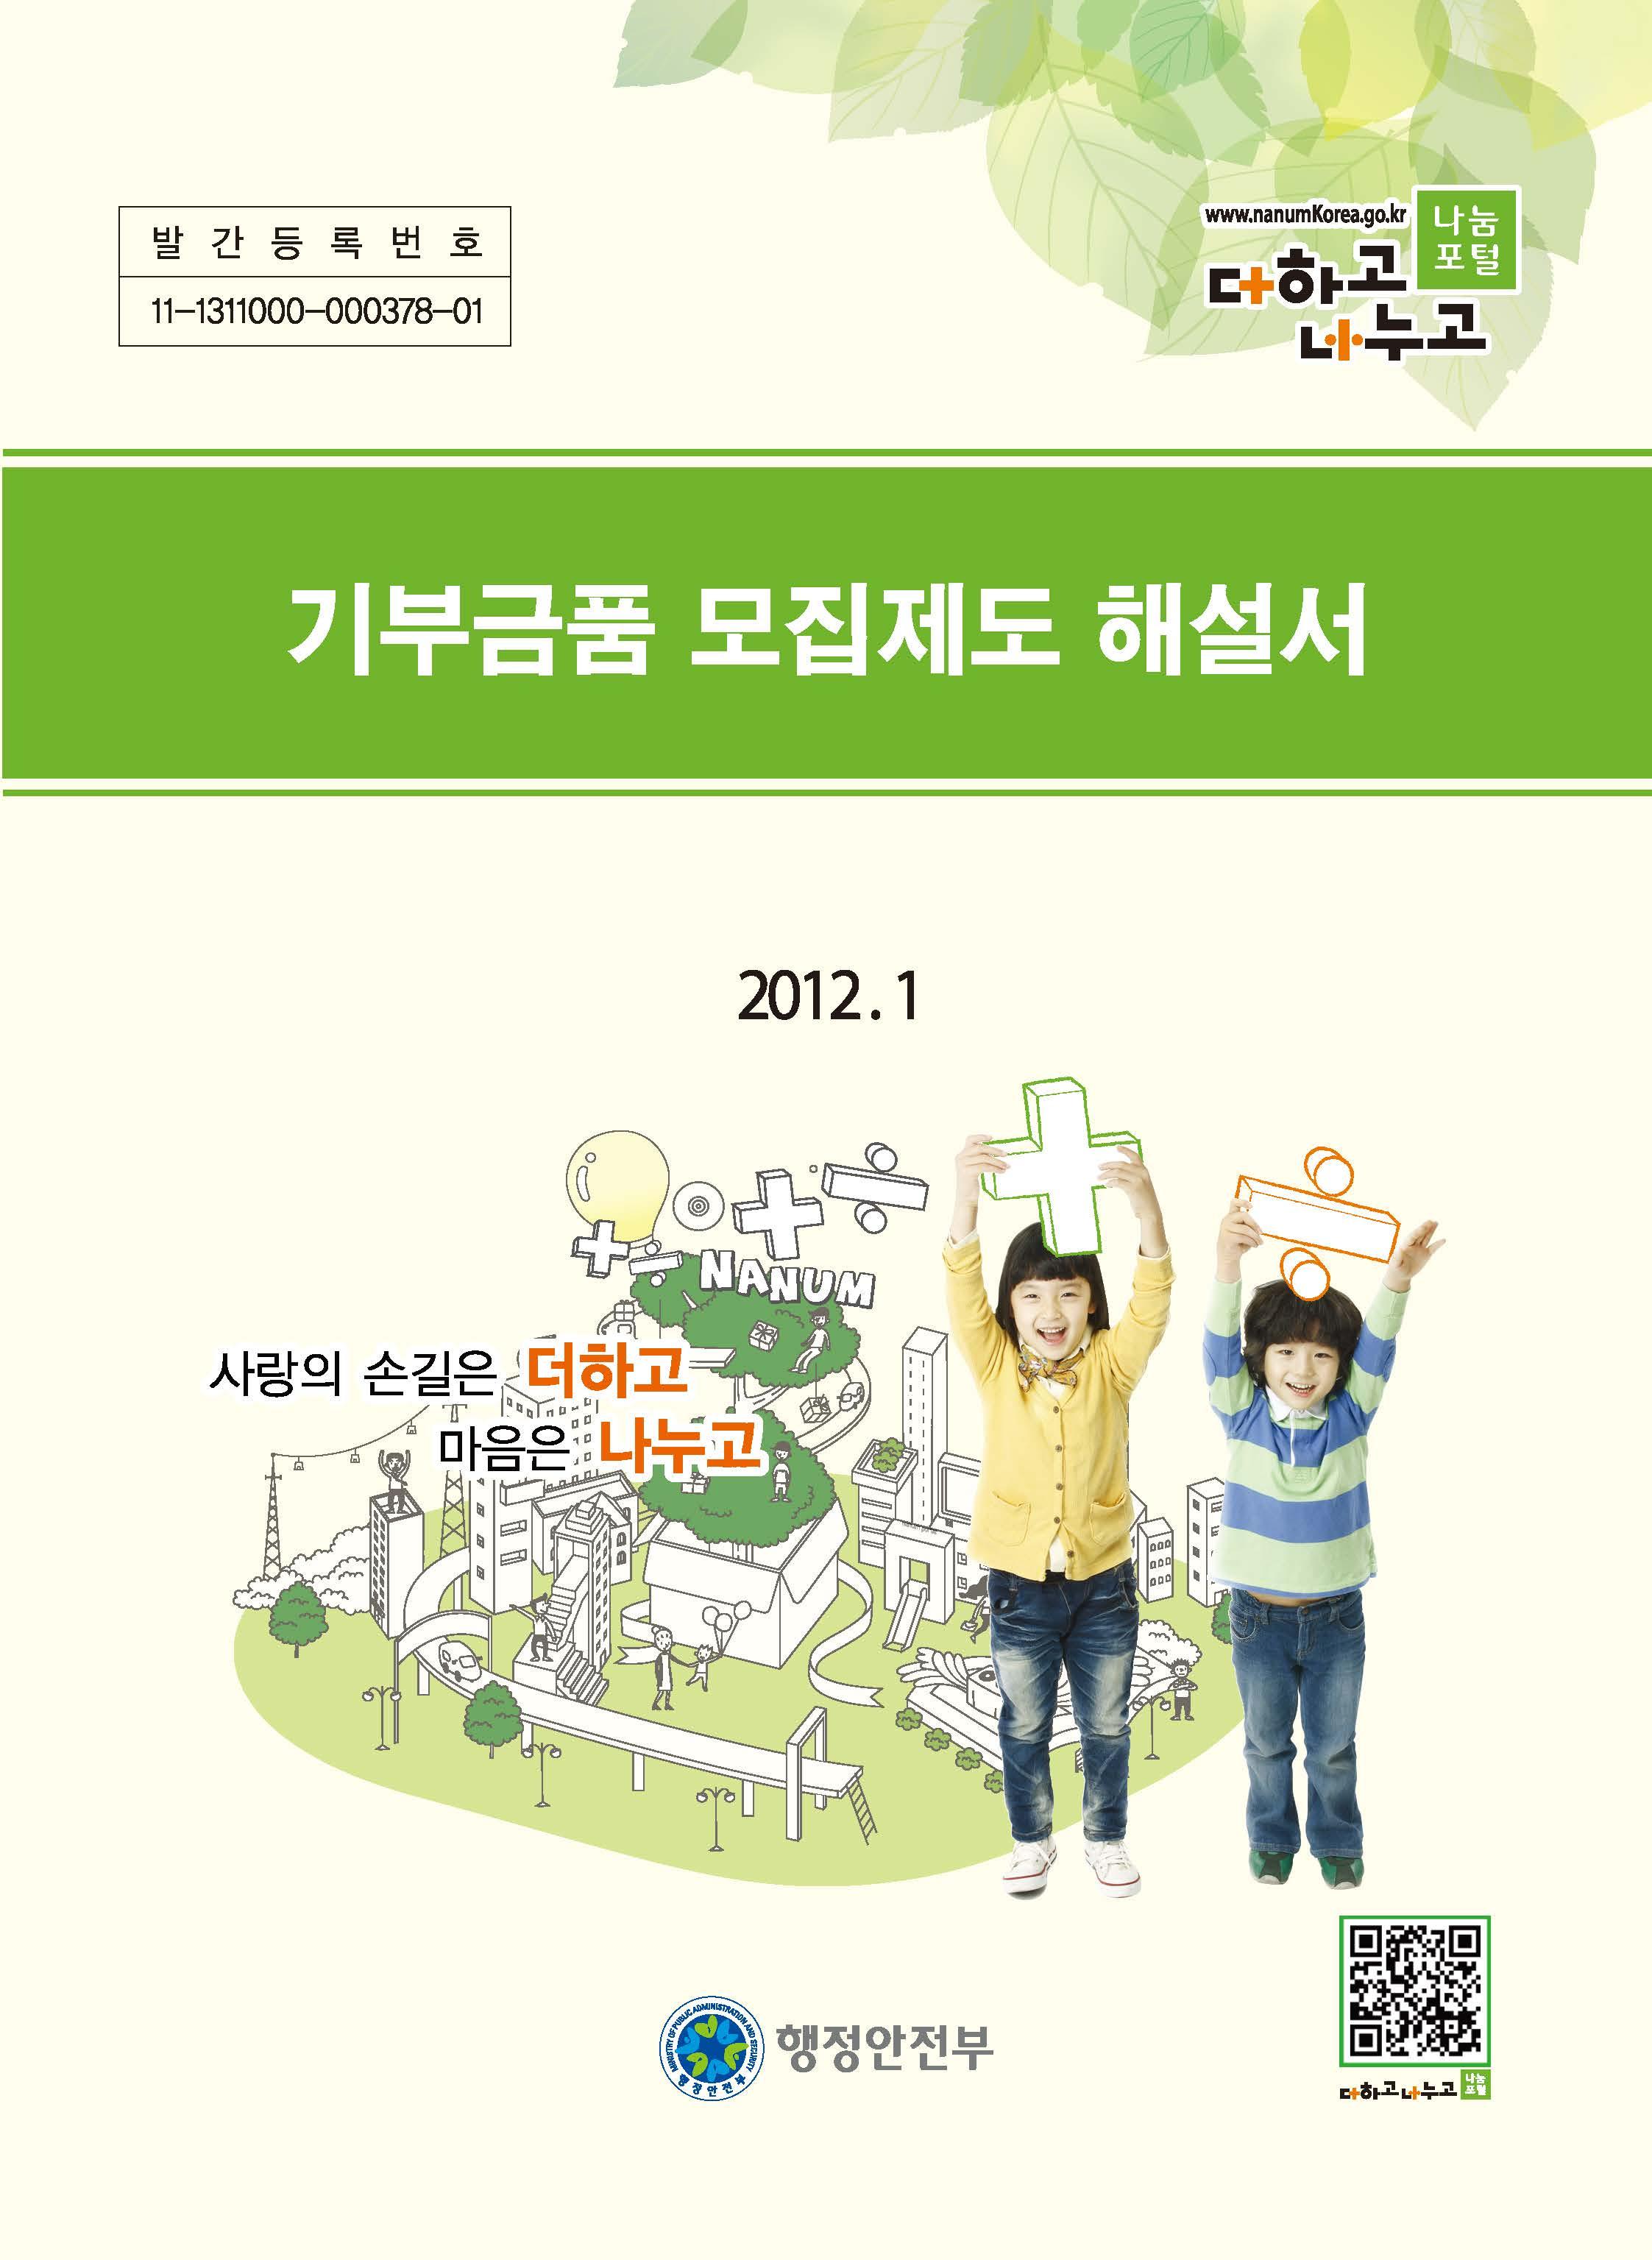 2012년 기부금품 모집제도 해설서(행정안전부)_페이지_001.jpg